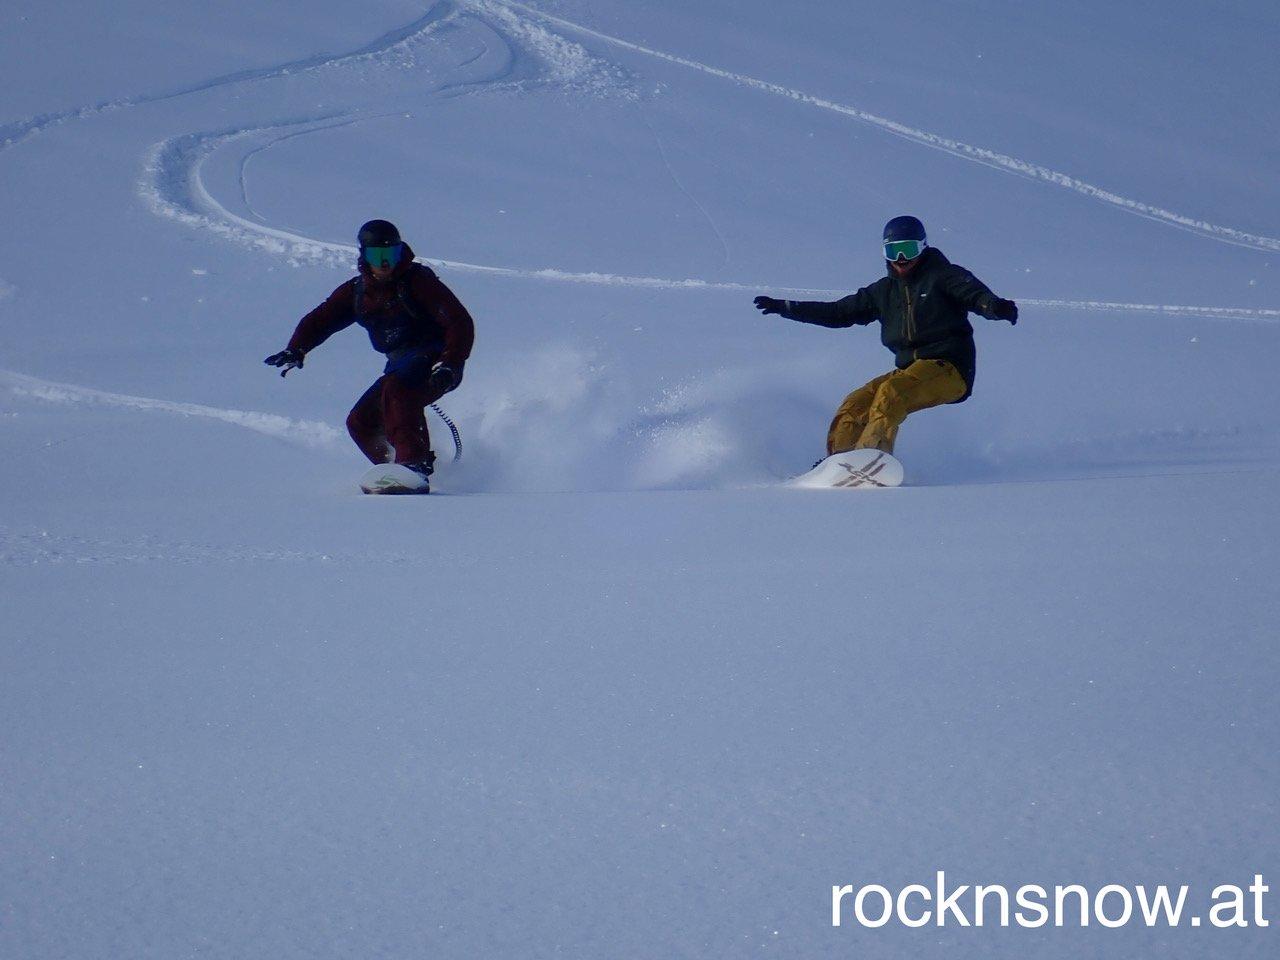 Powder surfen - to much fun ;-)